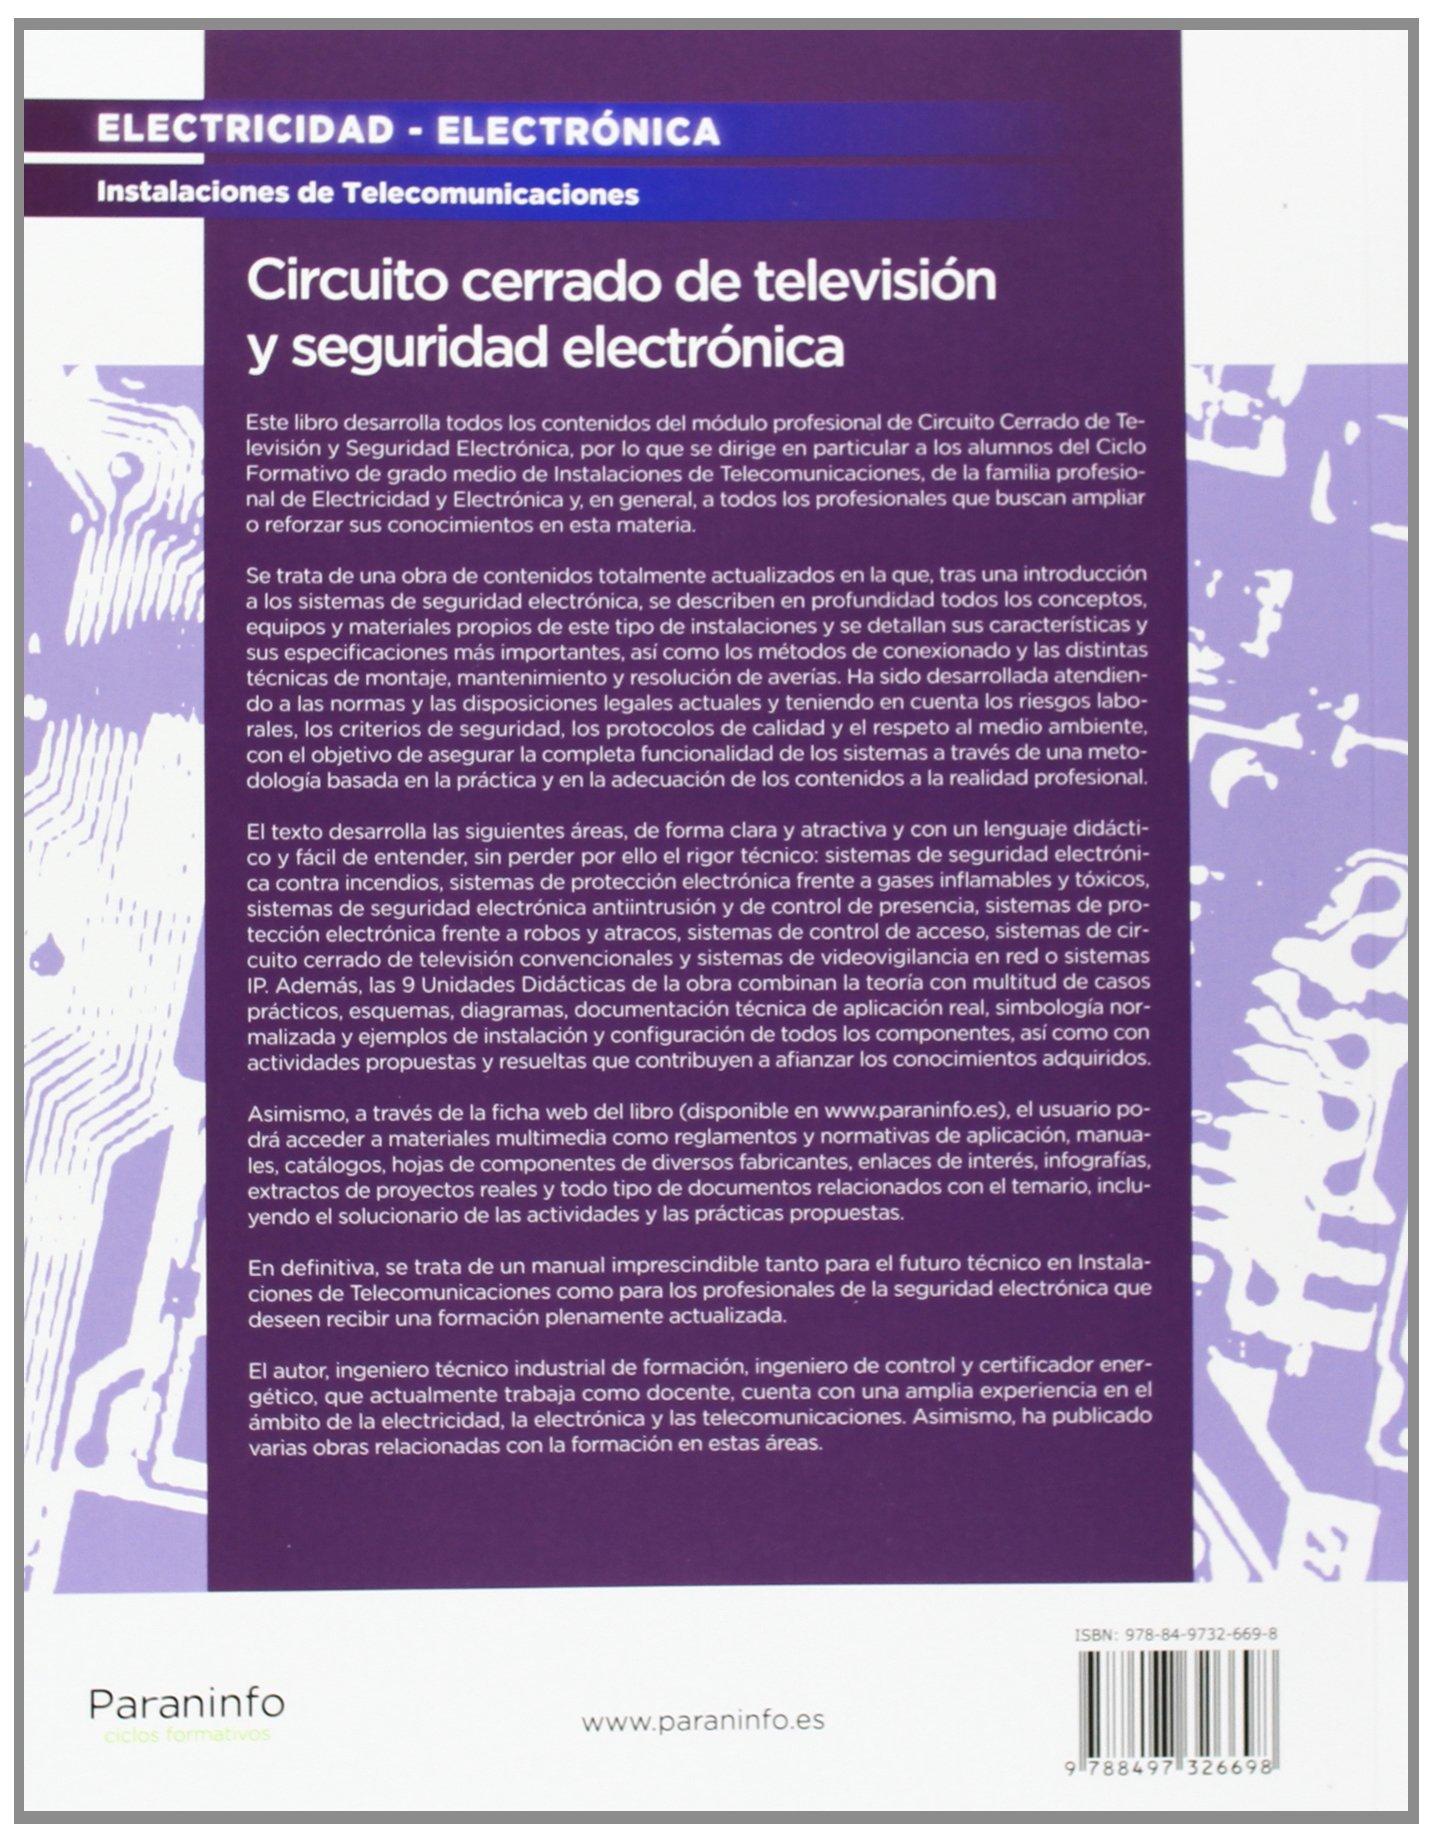 Circuito General : Circuito cerrado de televisión y seguridad electrónica: julián